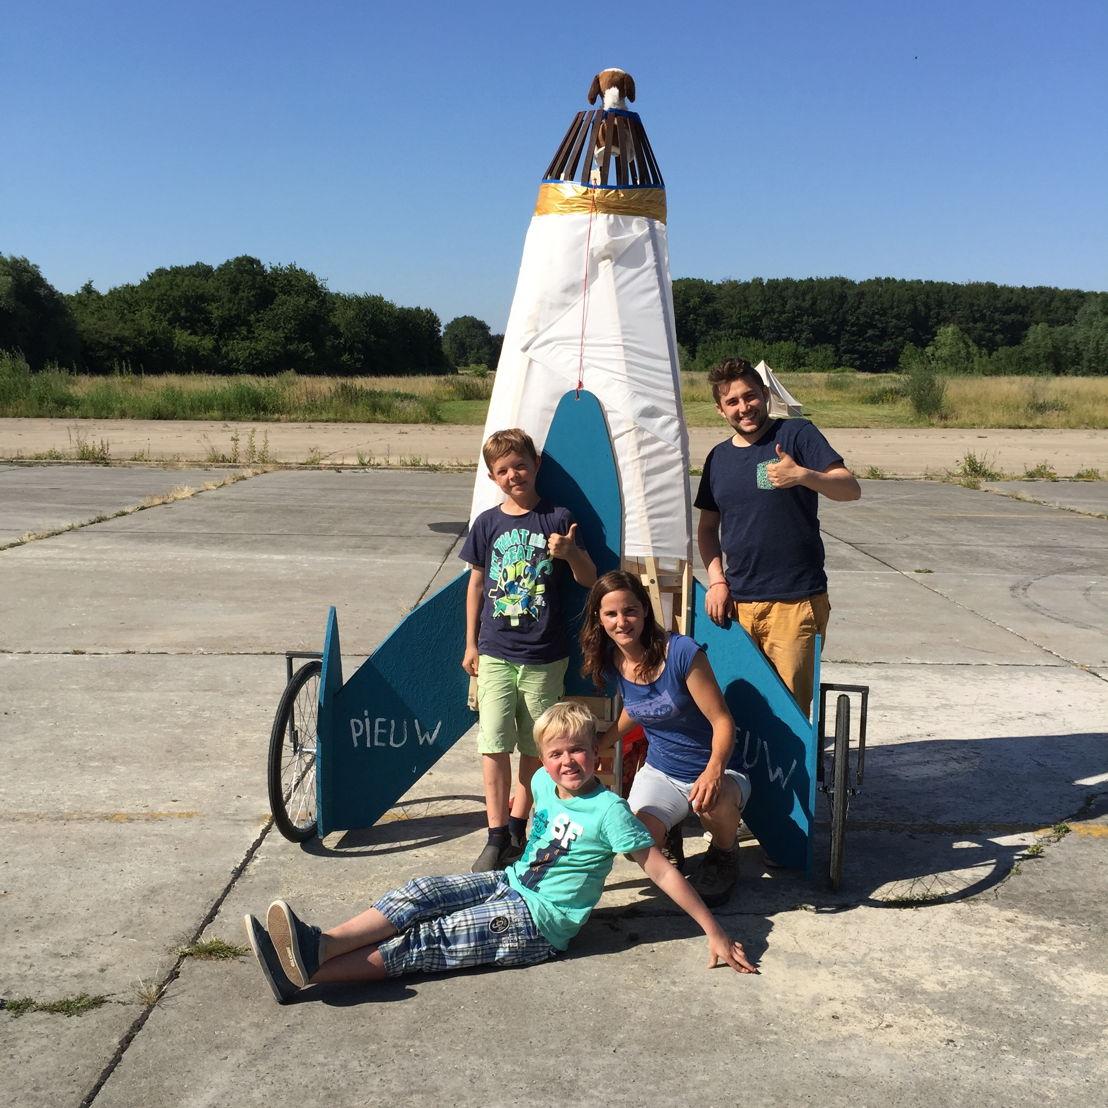 Week 1 - Familie Notteboom en raket